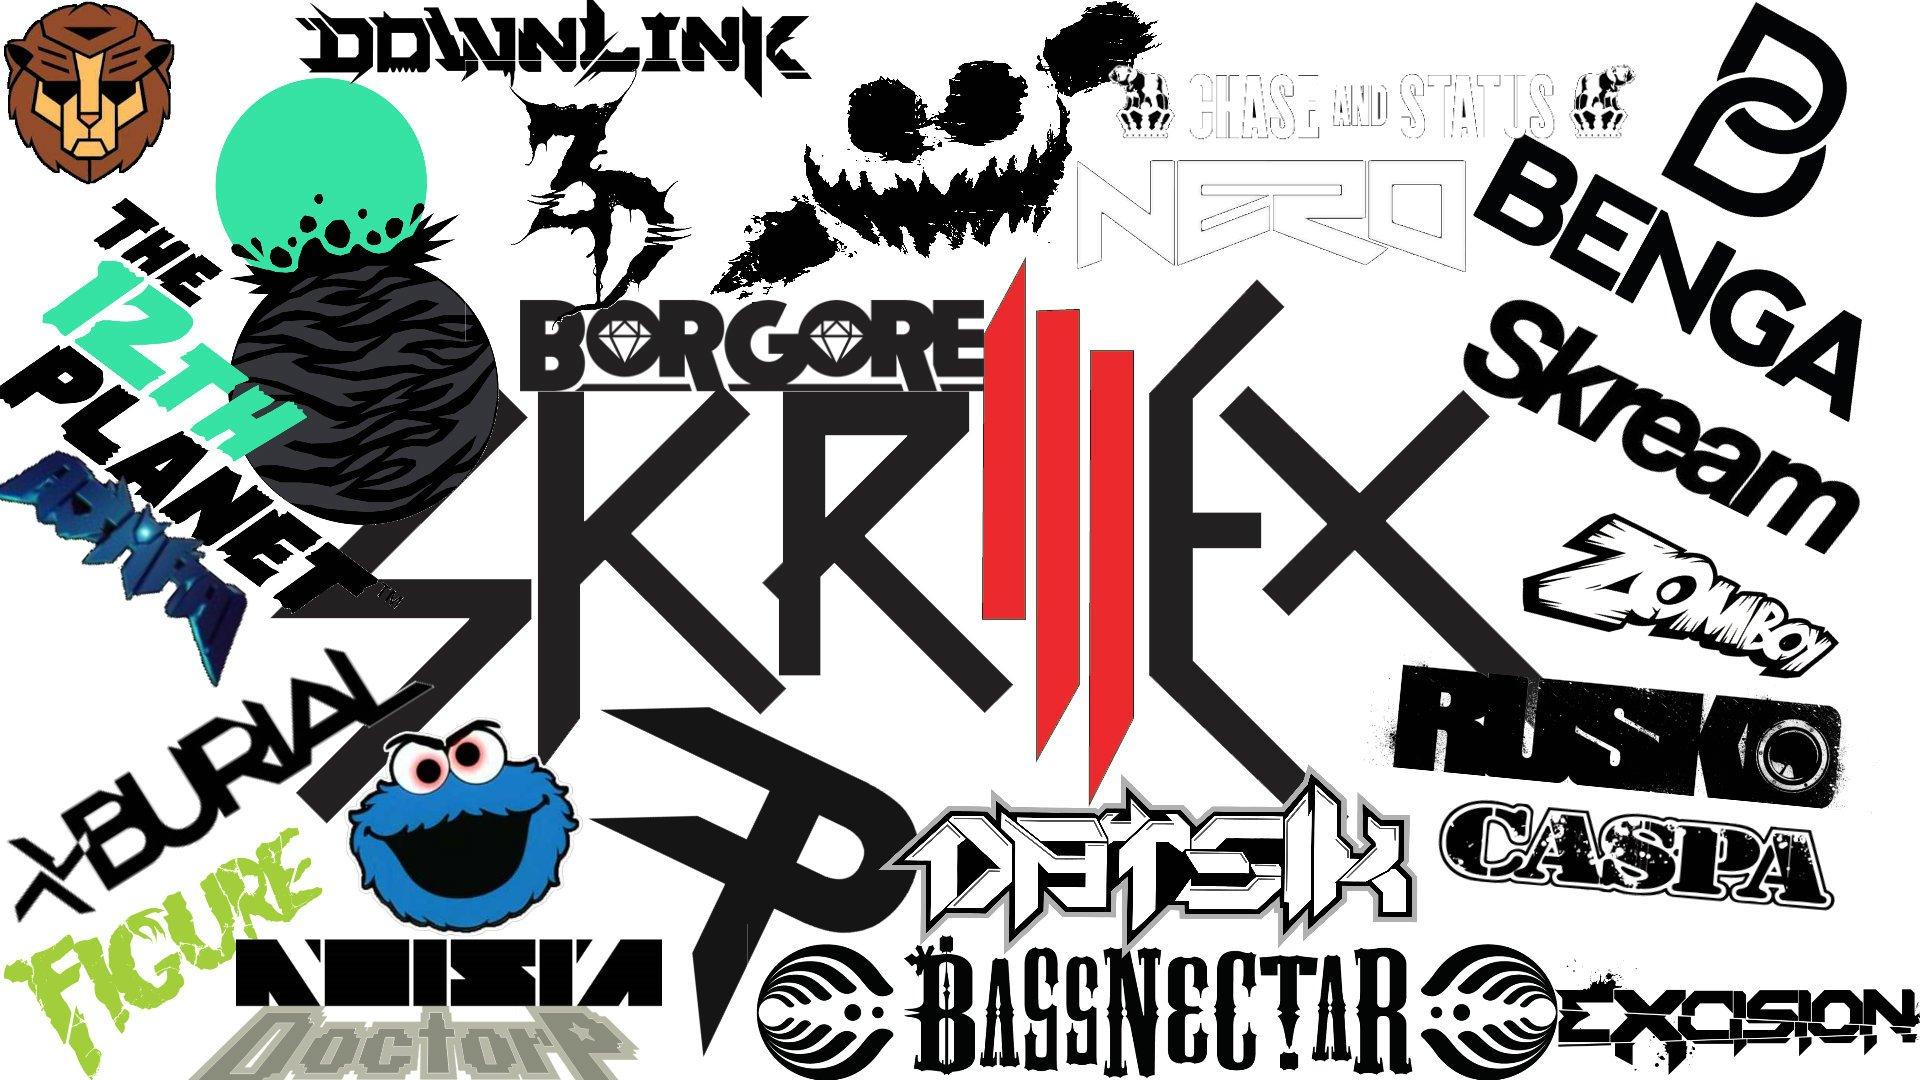 lg logo hd images